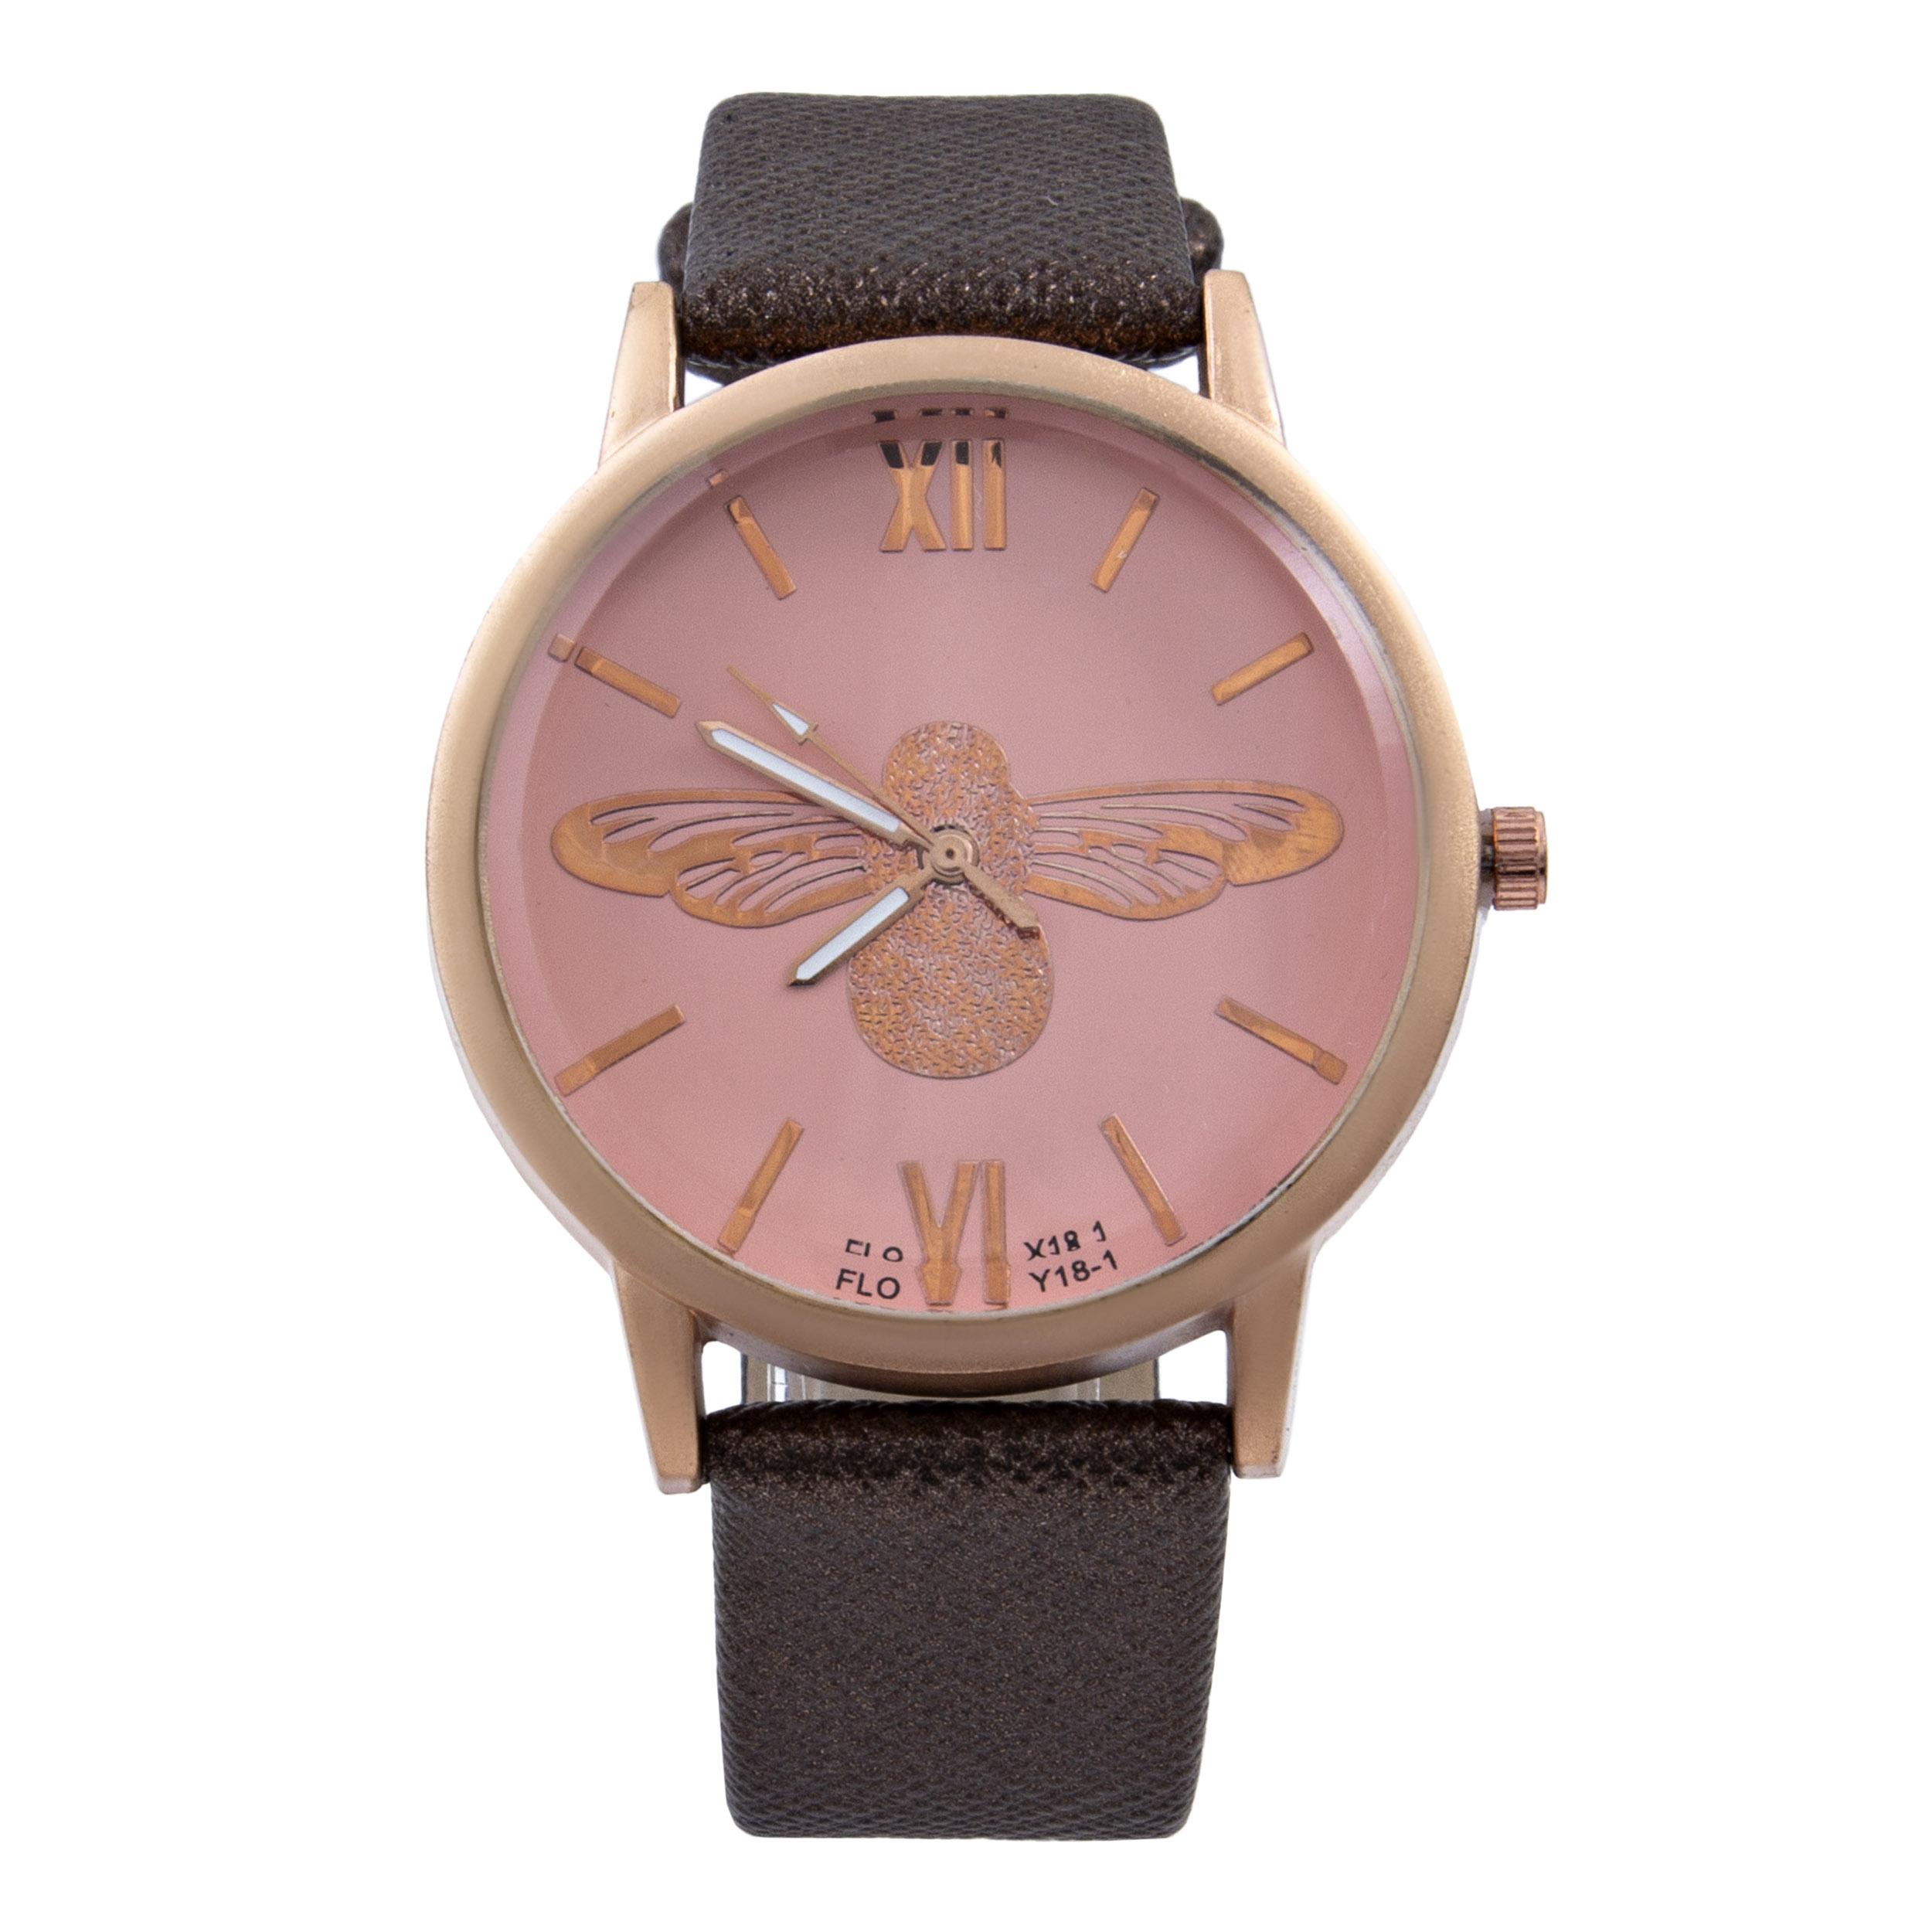 ساعت مچی عقربه ای زنانه کد WHW-133              خرید (⭐️⭐️⭐️)